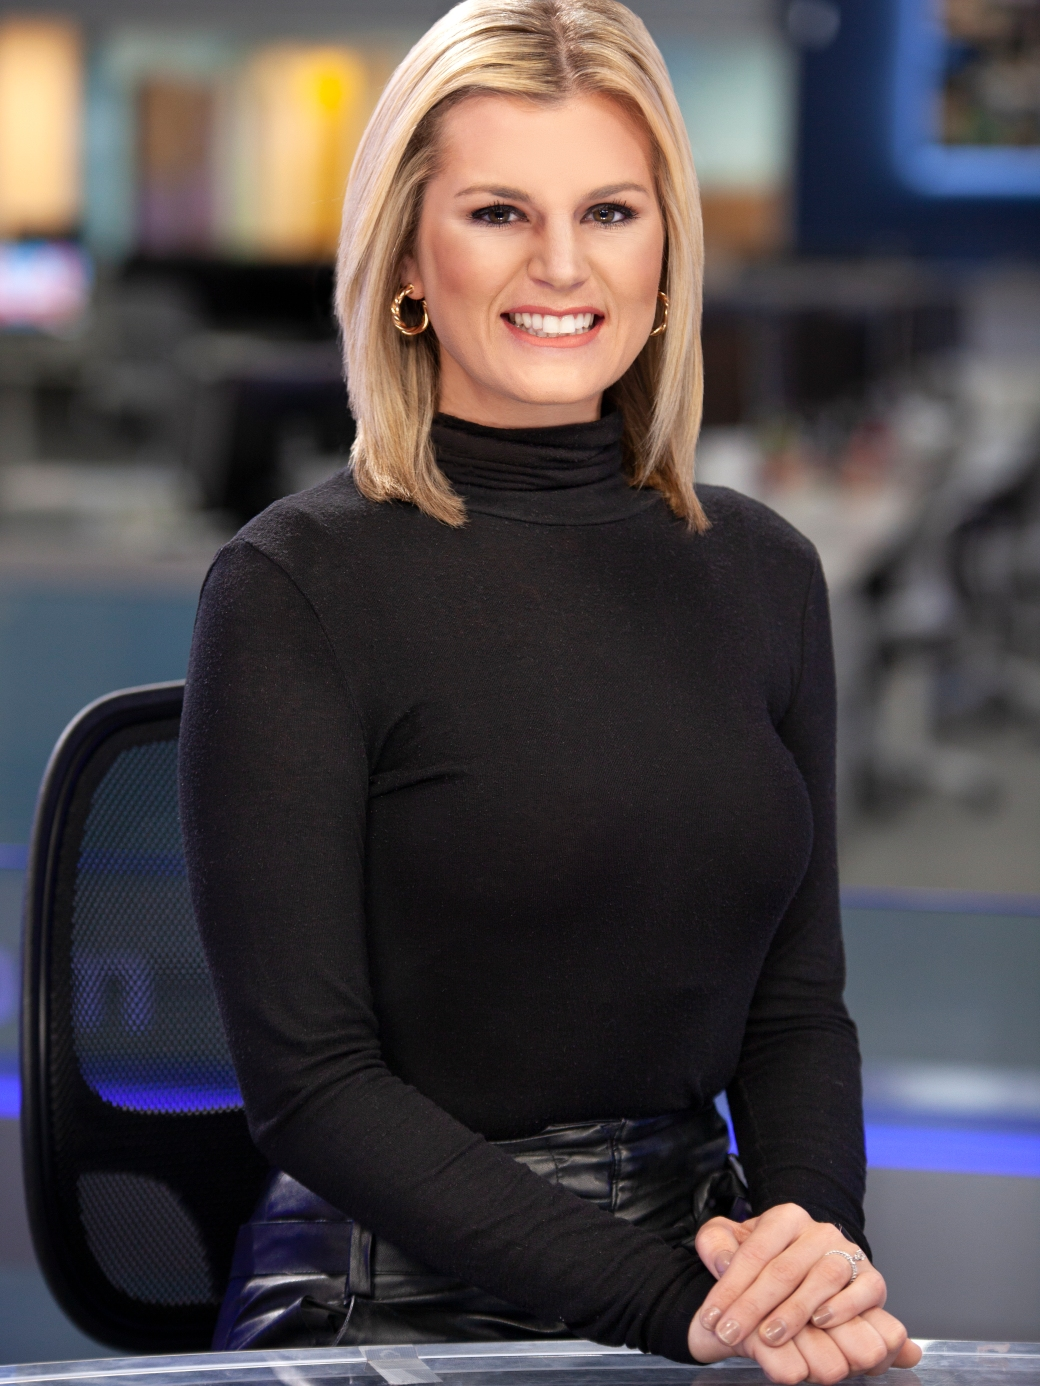 Image of Jessica Bruno